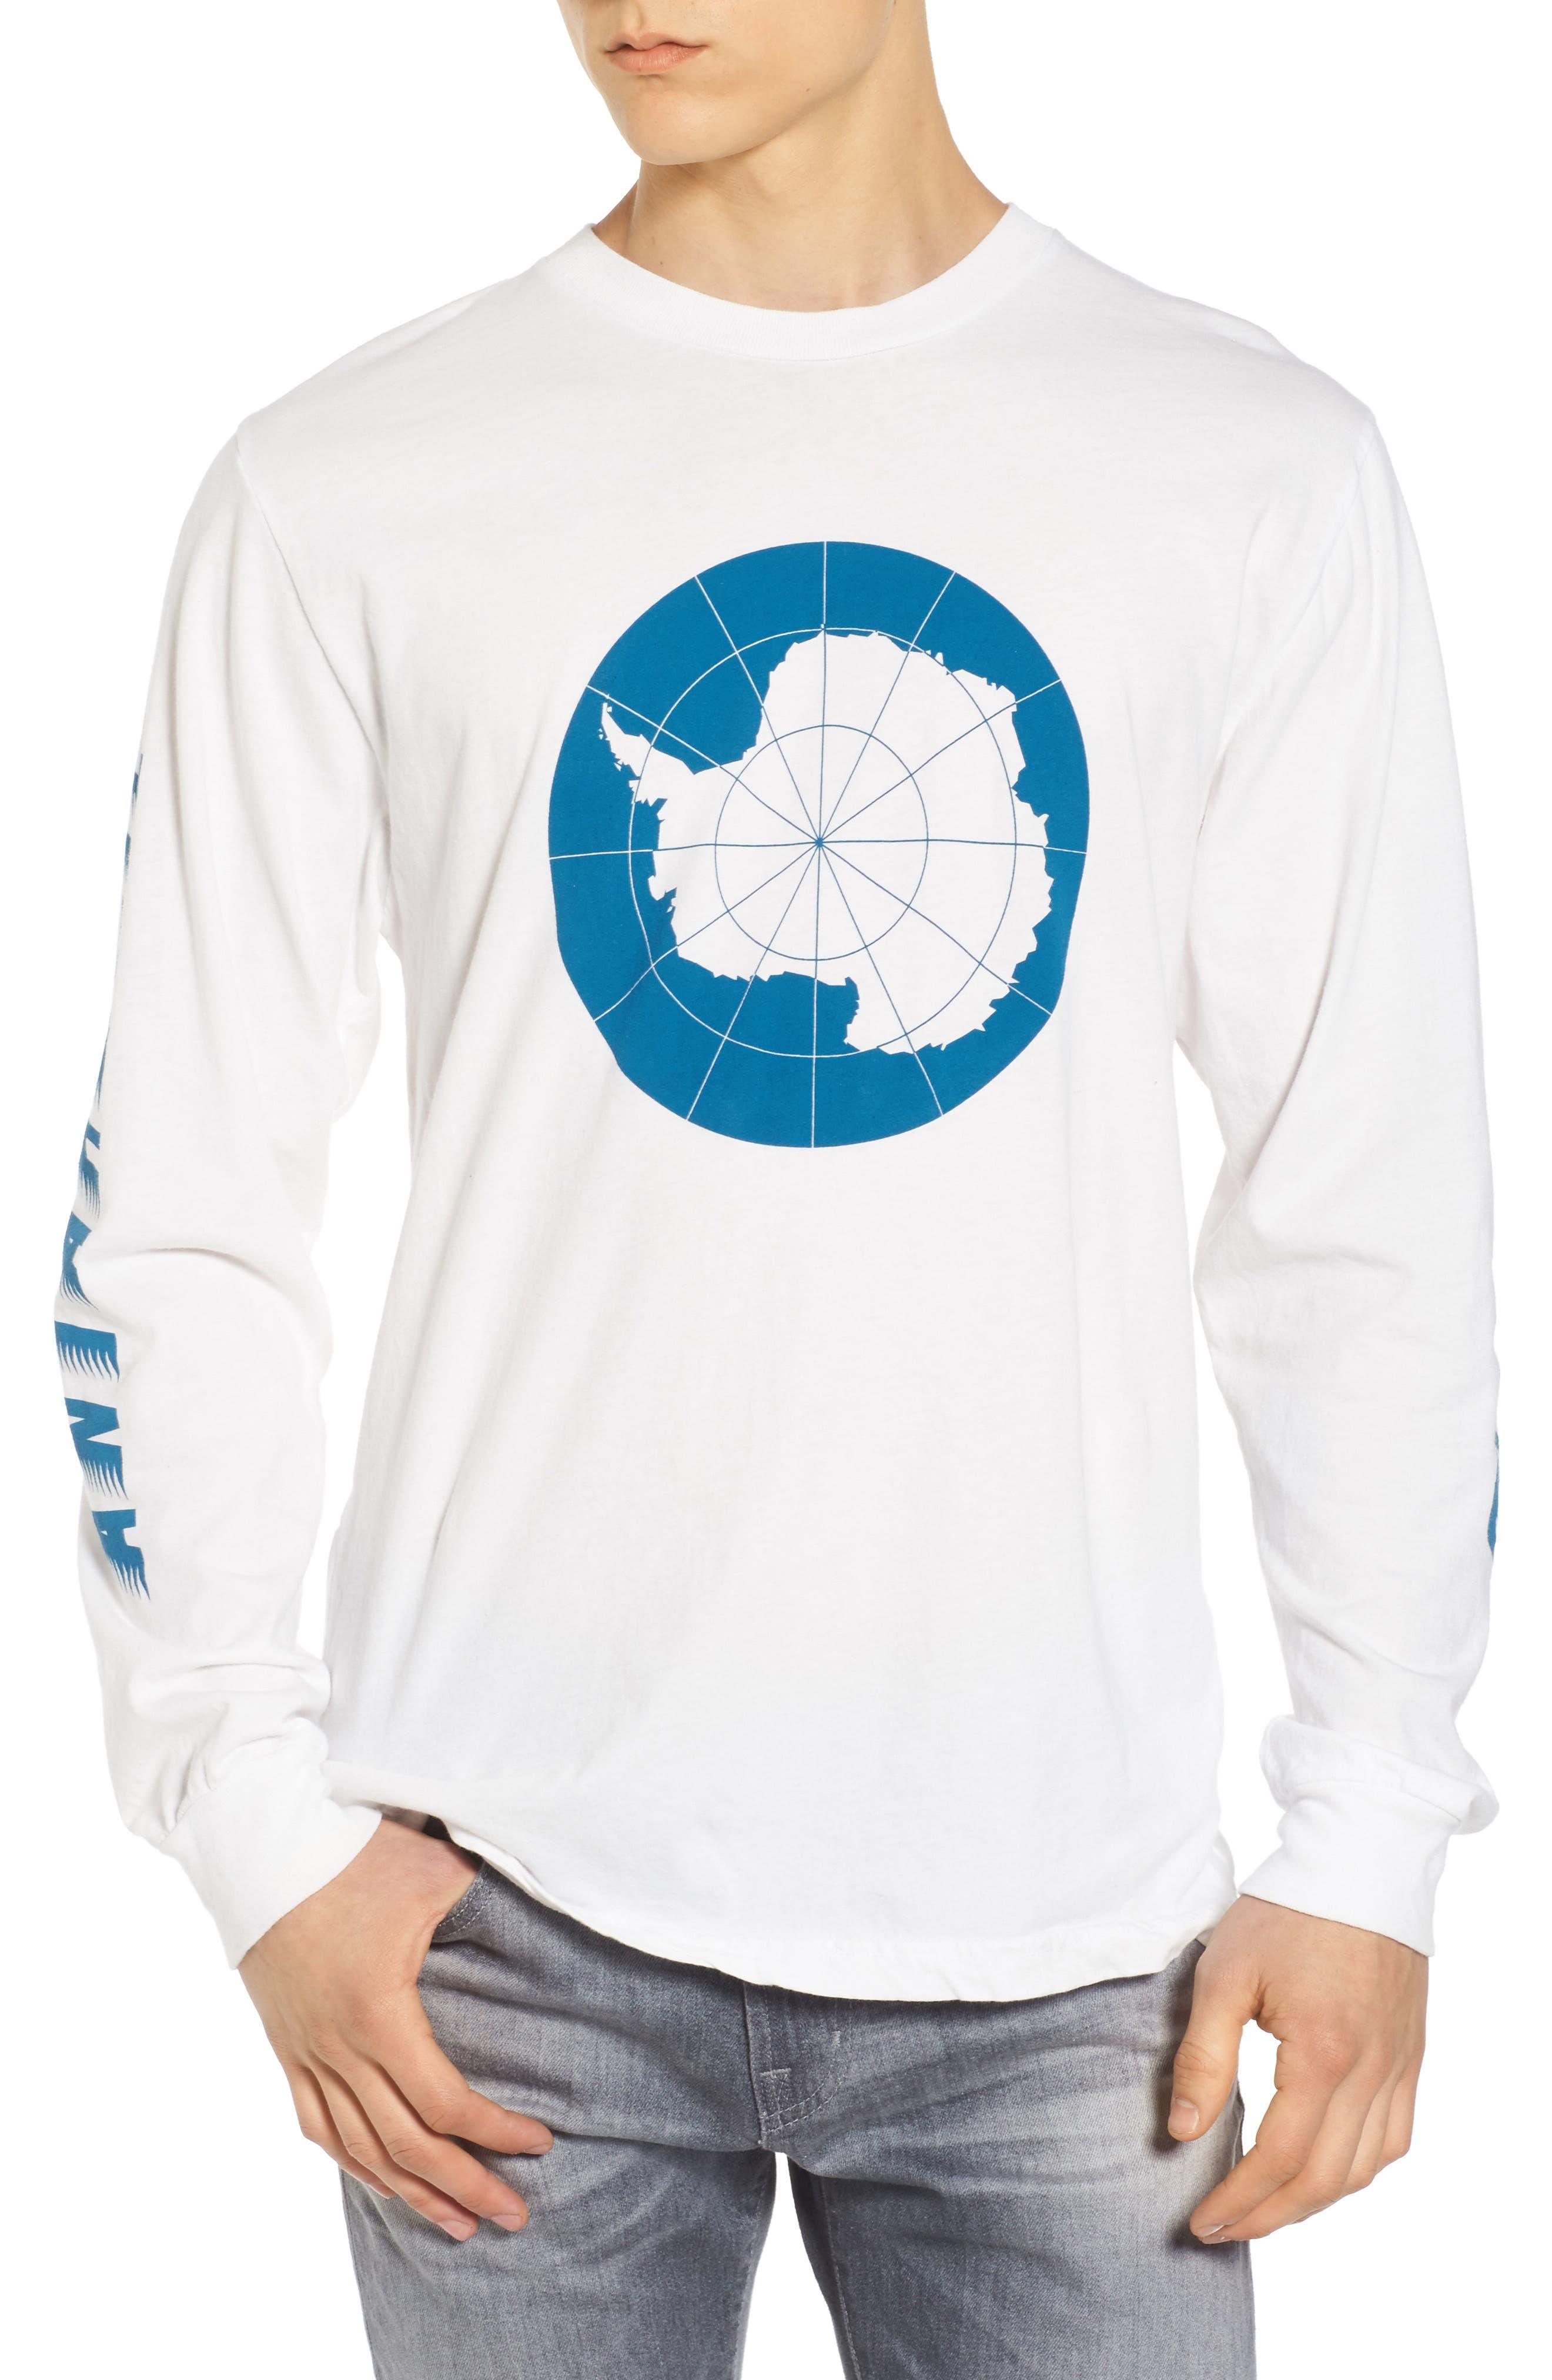 Alternate Image 1 Selected - Altru Arctic Ski Club T-Shirt